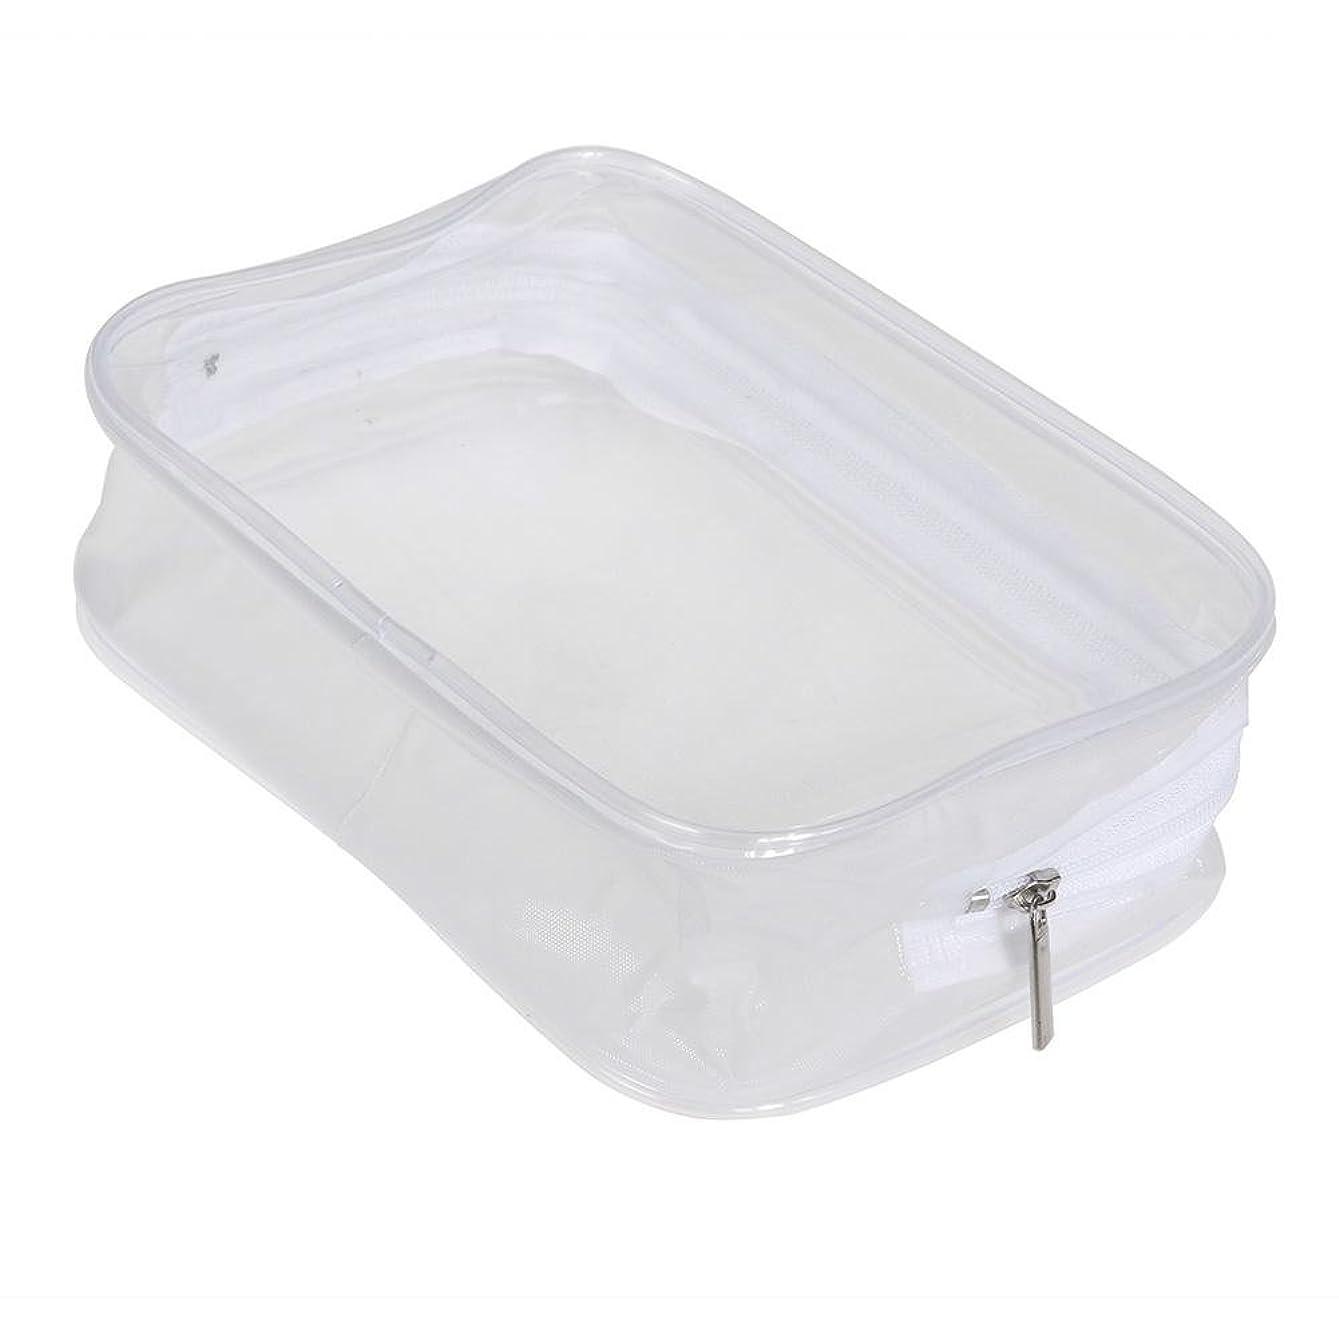 危険受け入れ講義Ecotrump PVC透明 化粧ポーチ 化粧バッグ 化粧道具 レディース 防水 ポータブル プラスチック 小物入れ ミニ財布 コインポーチ 洗面用具入れ